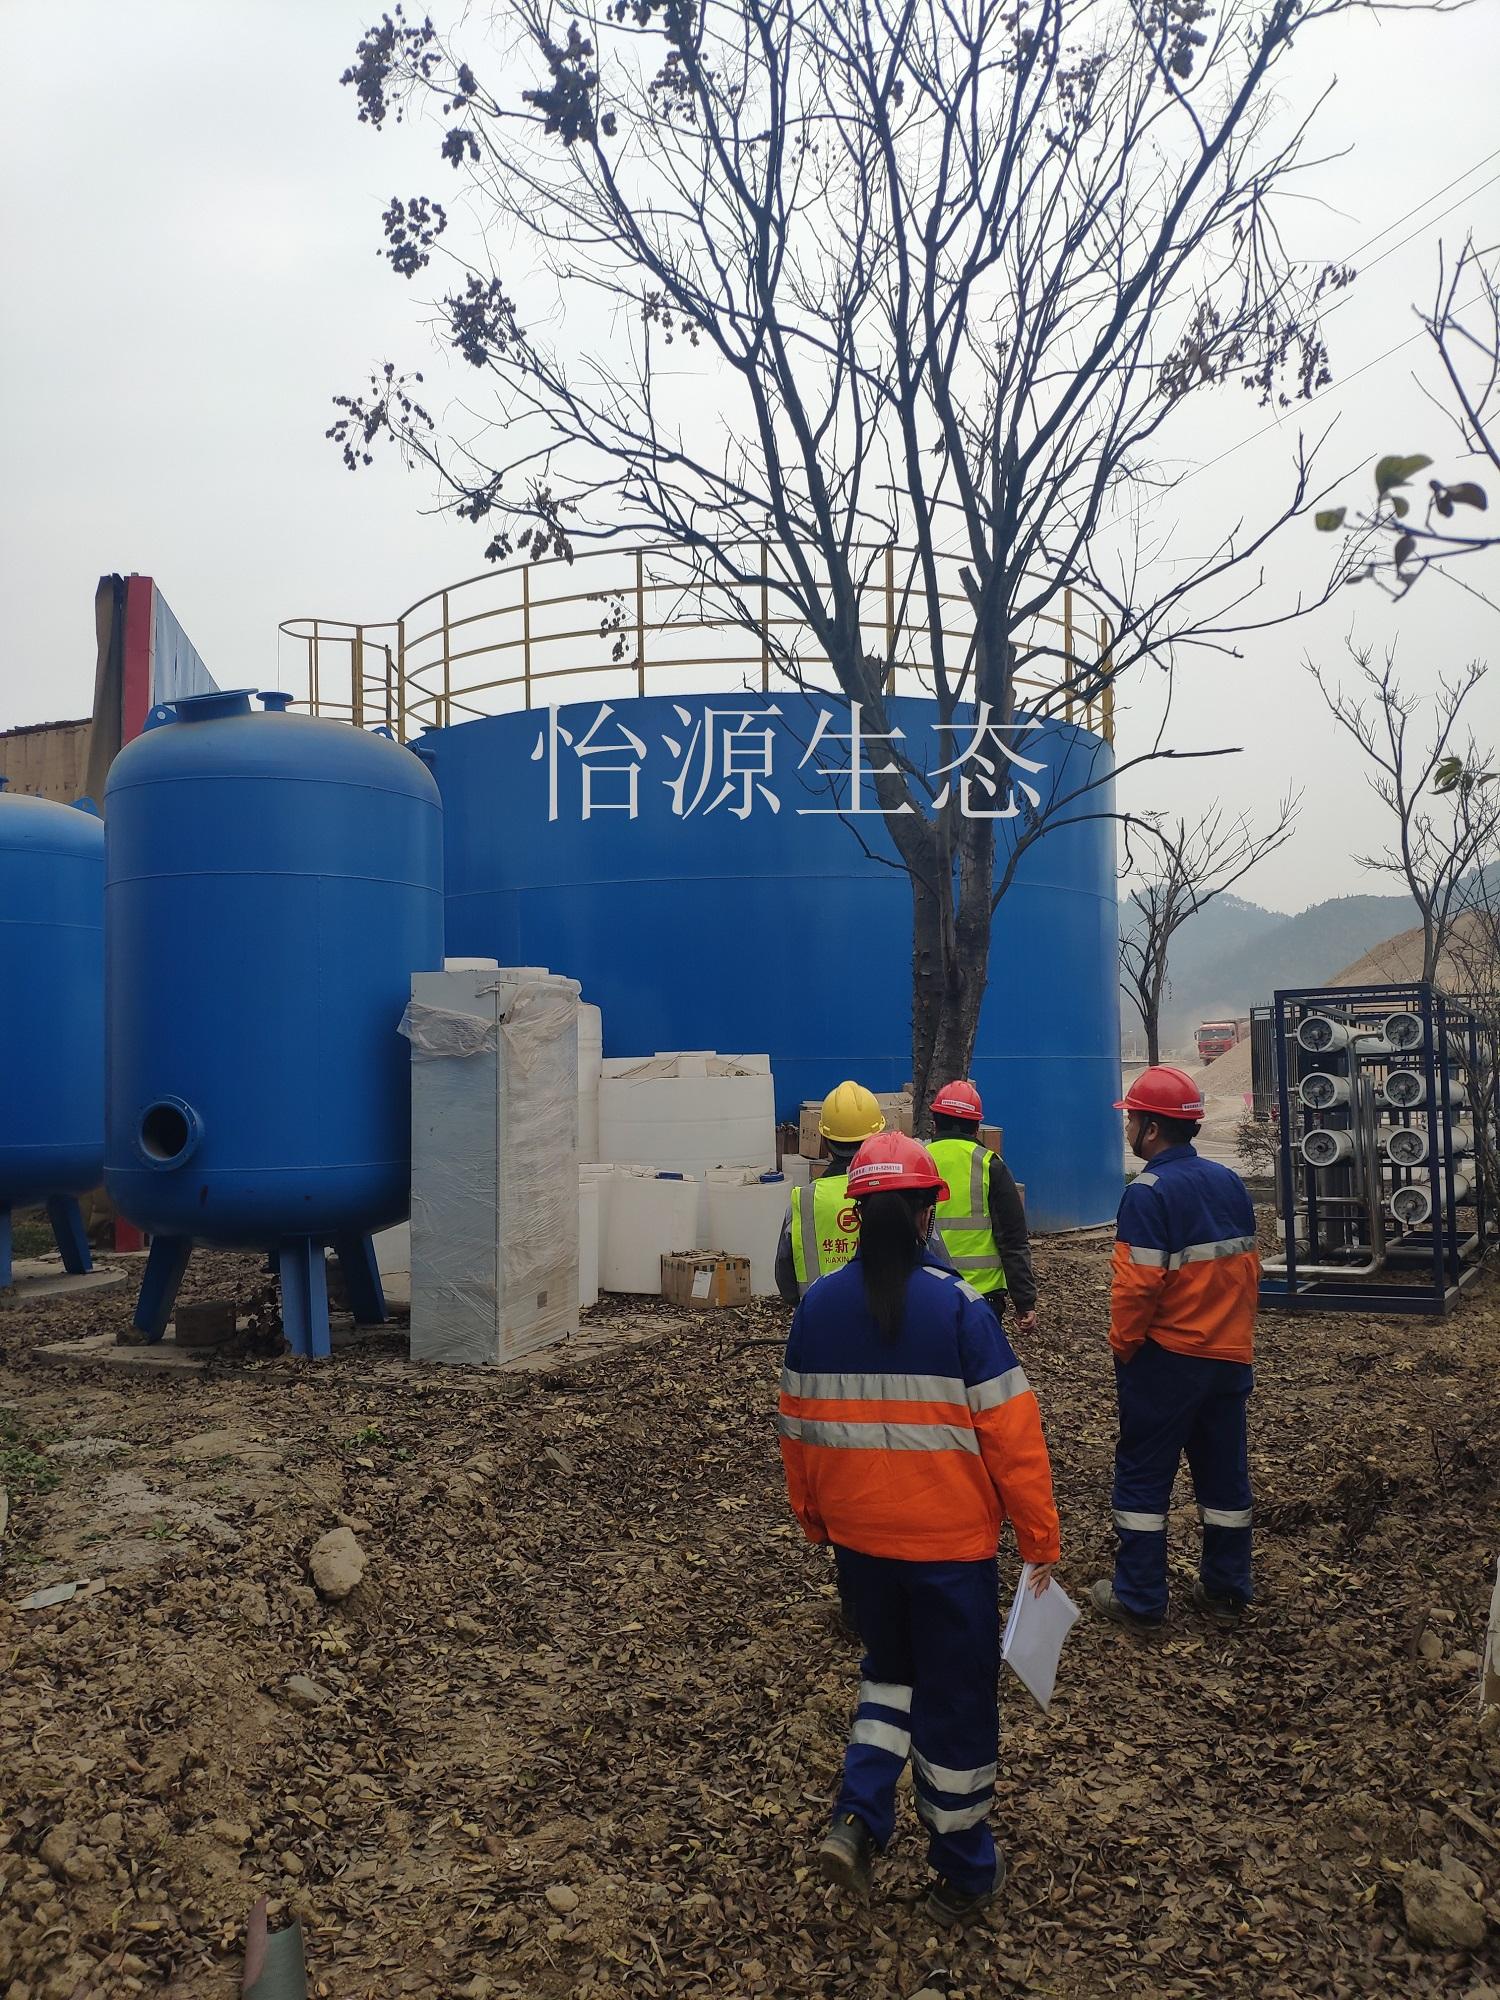 华新水泥(襄阳)有限公司雨污分流项目